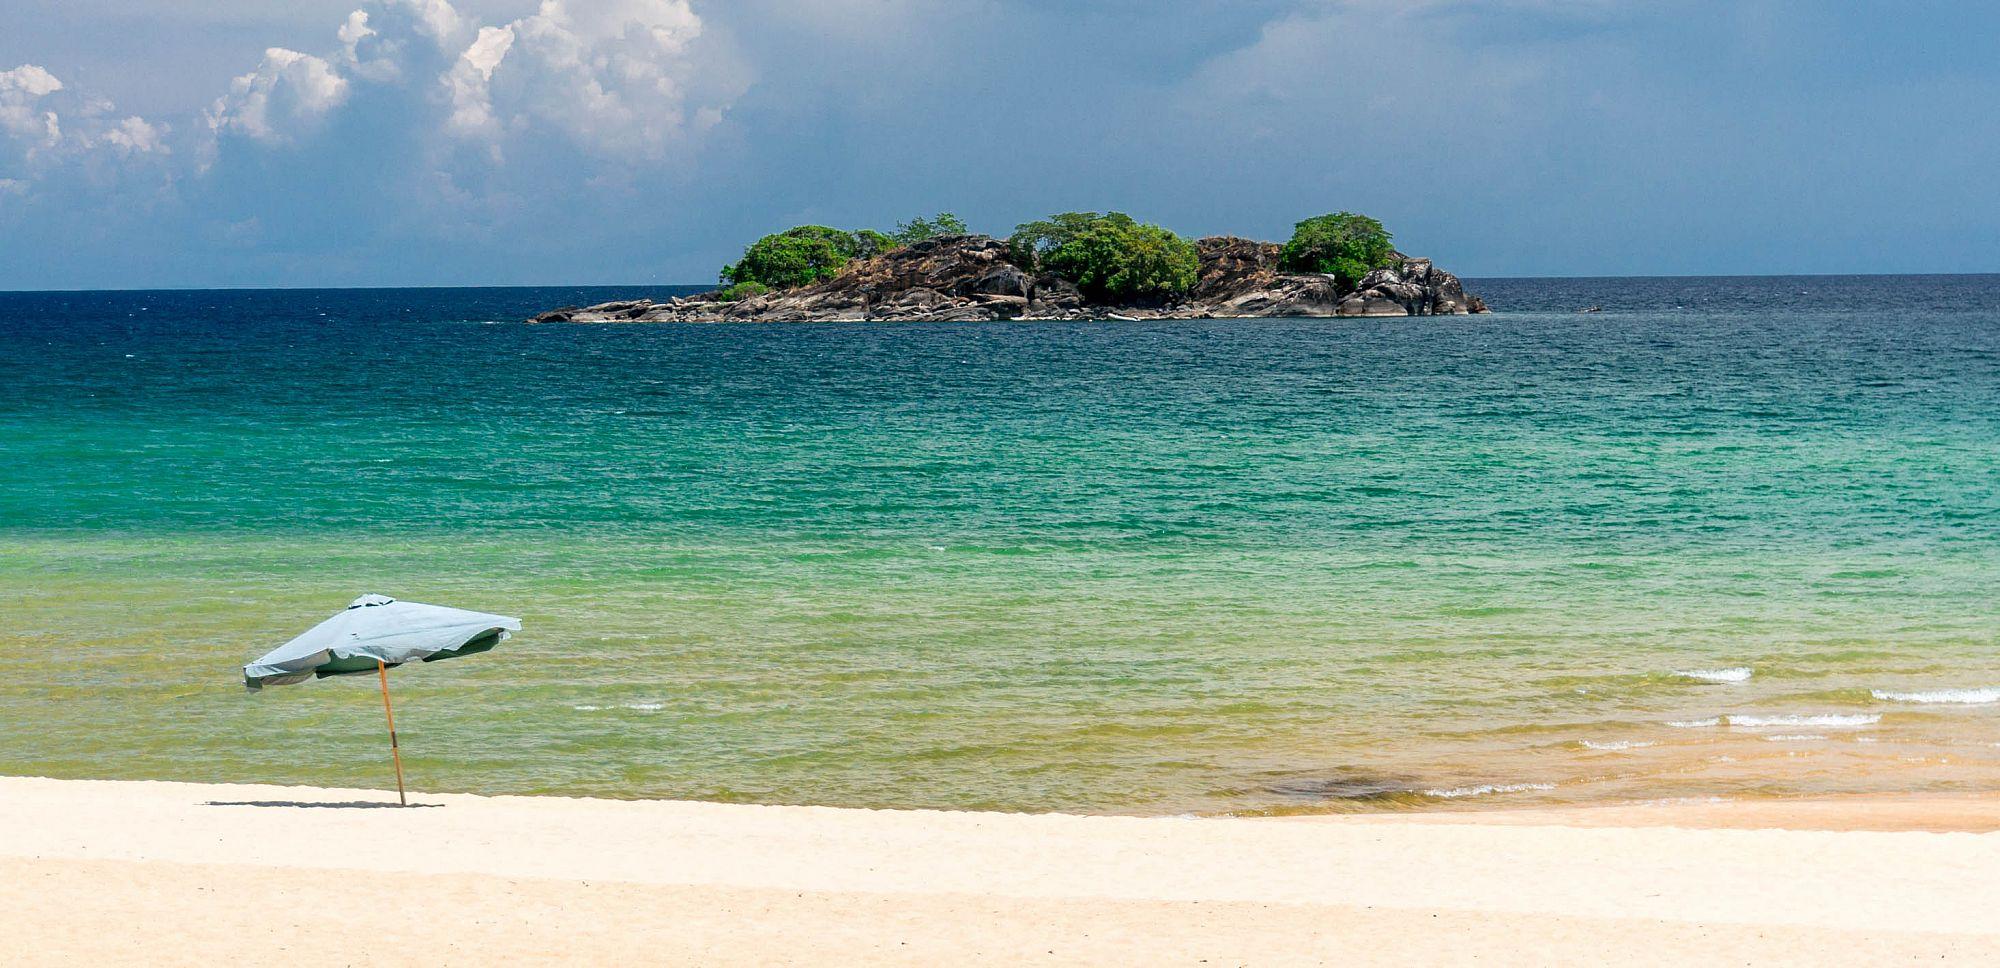 Malawisee und Indischer Ozean: Safari zwischen Mosambik.